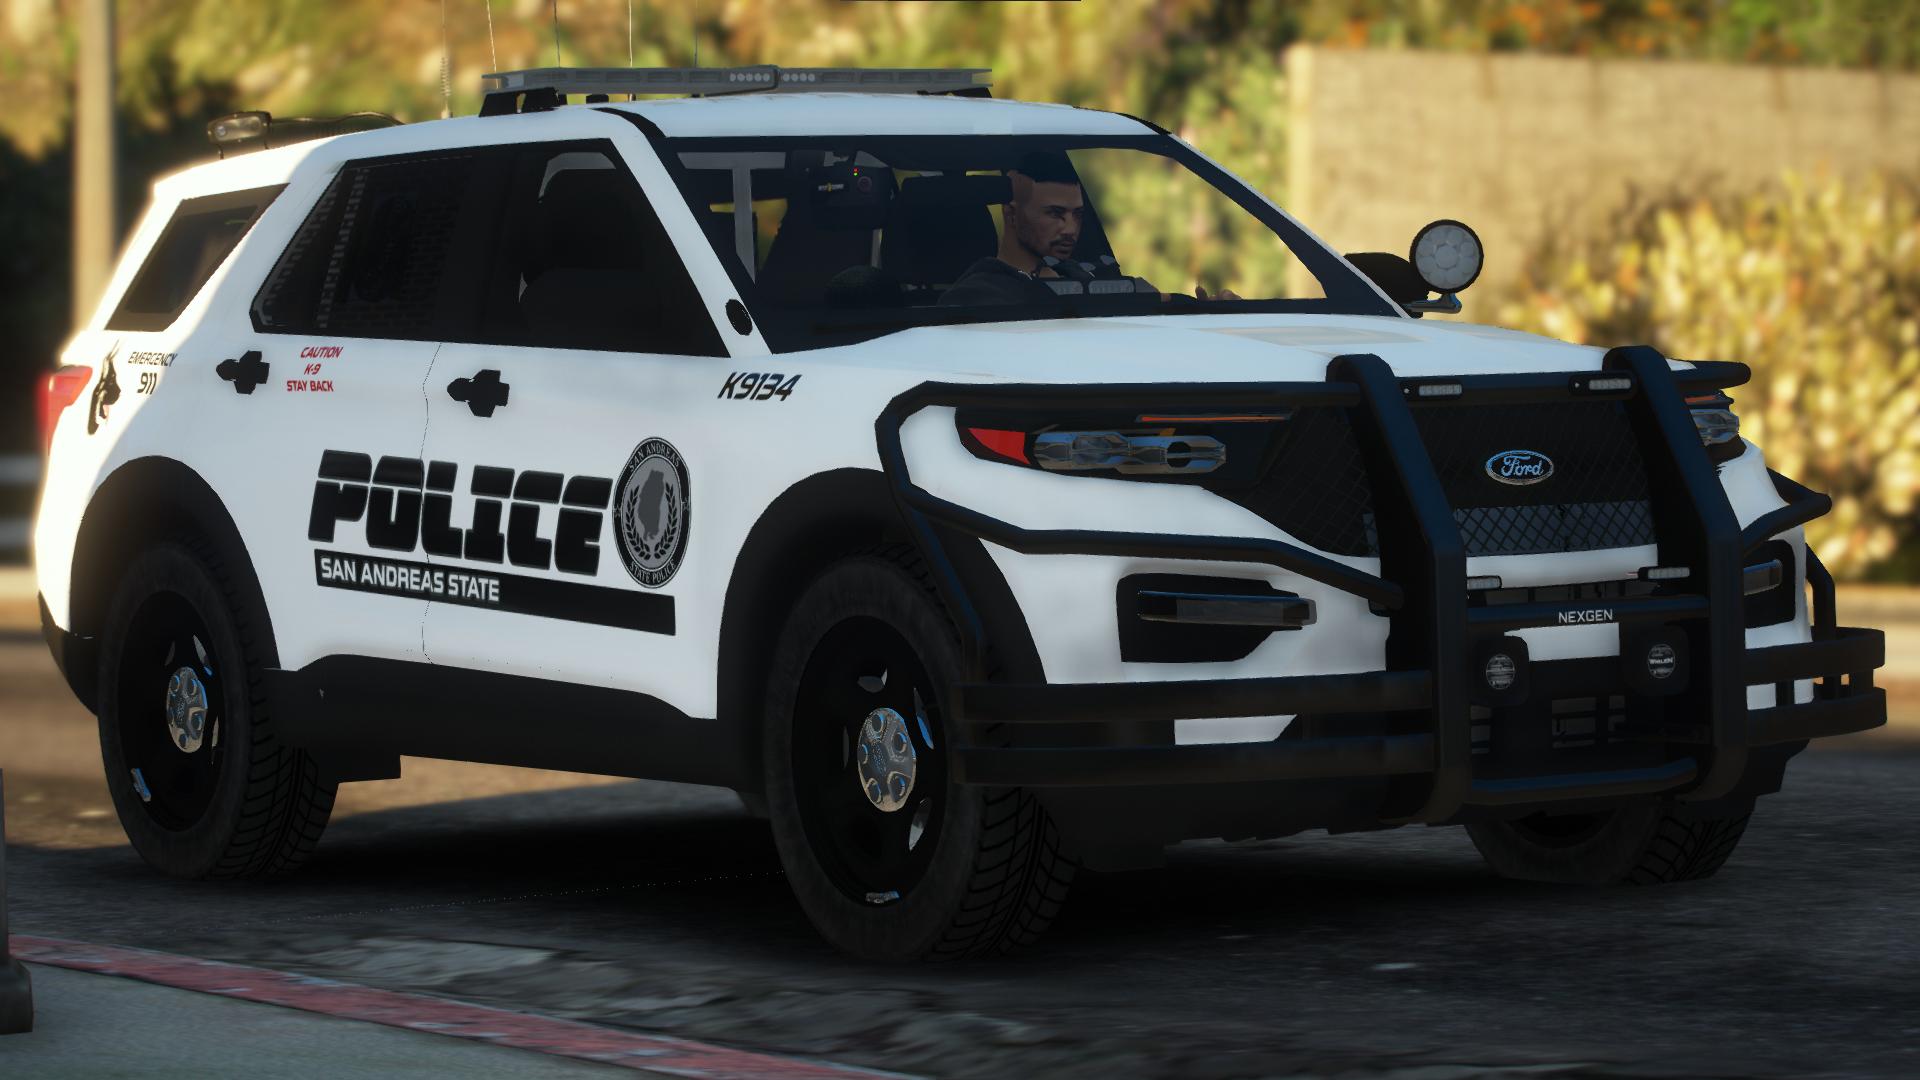 2020 Ford FPIU K9 Unit